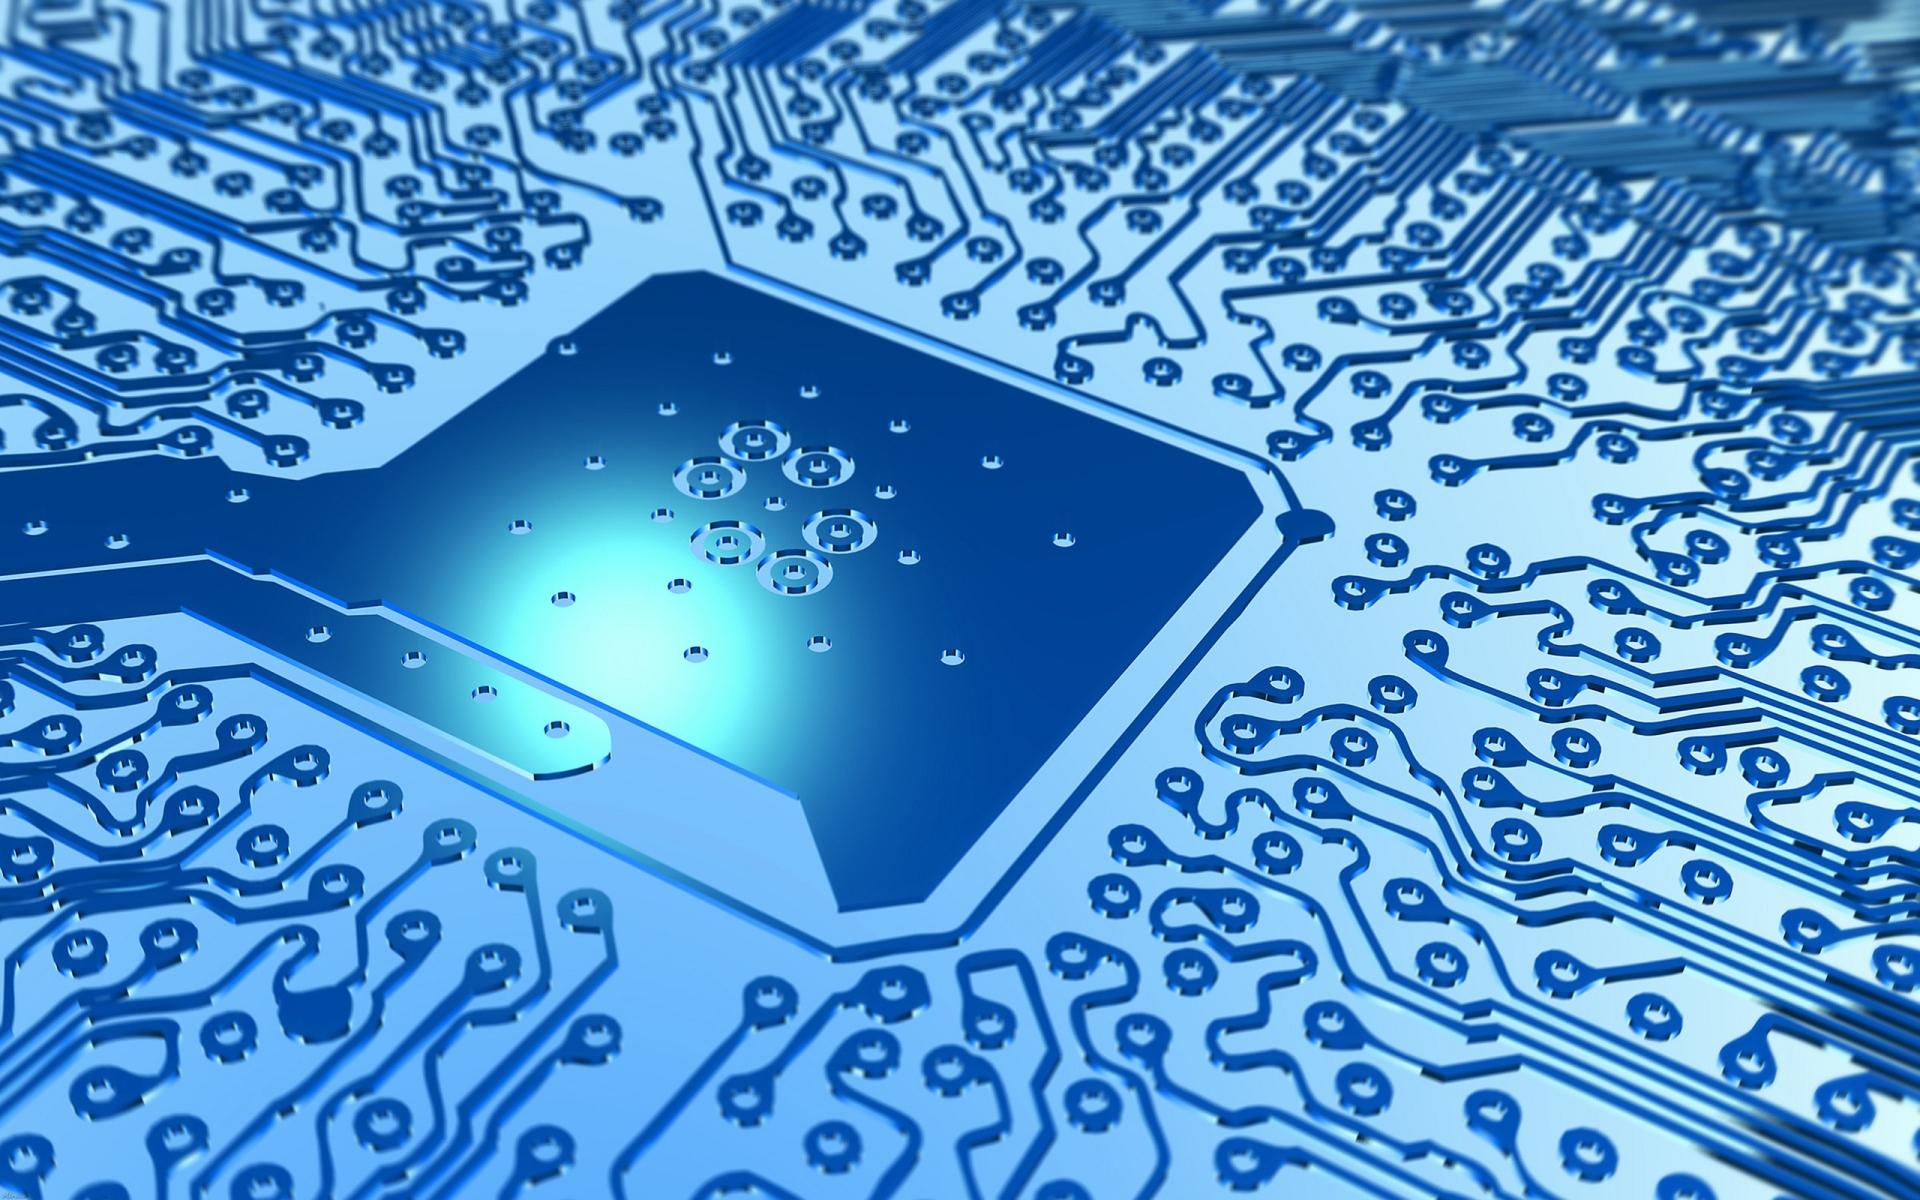 ビジネスフォン、PBXはシステム容量に応じてラインアップが変わってくる